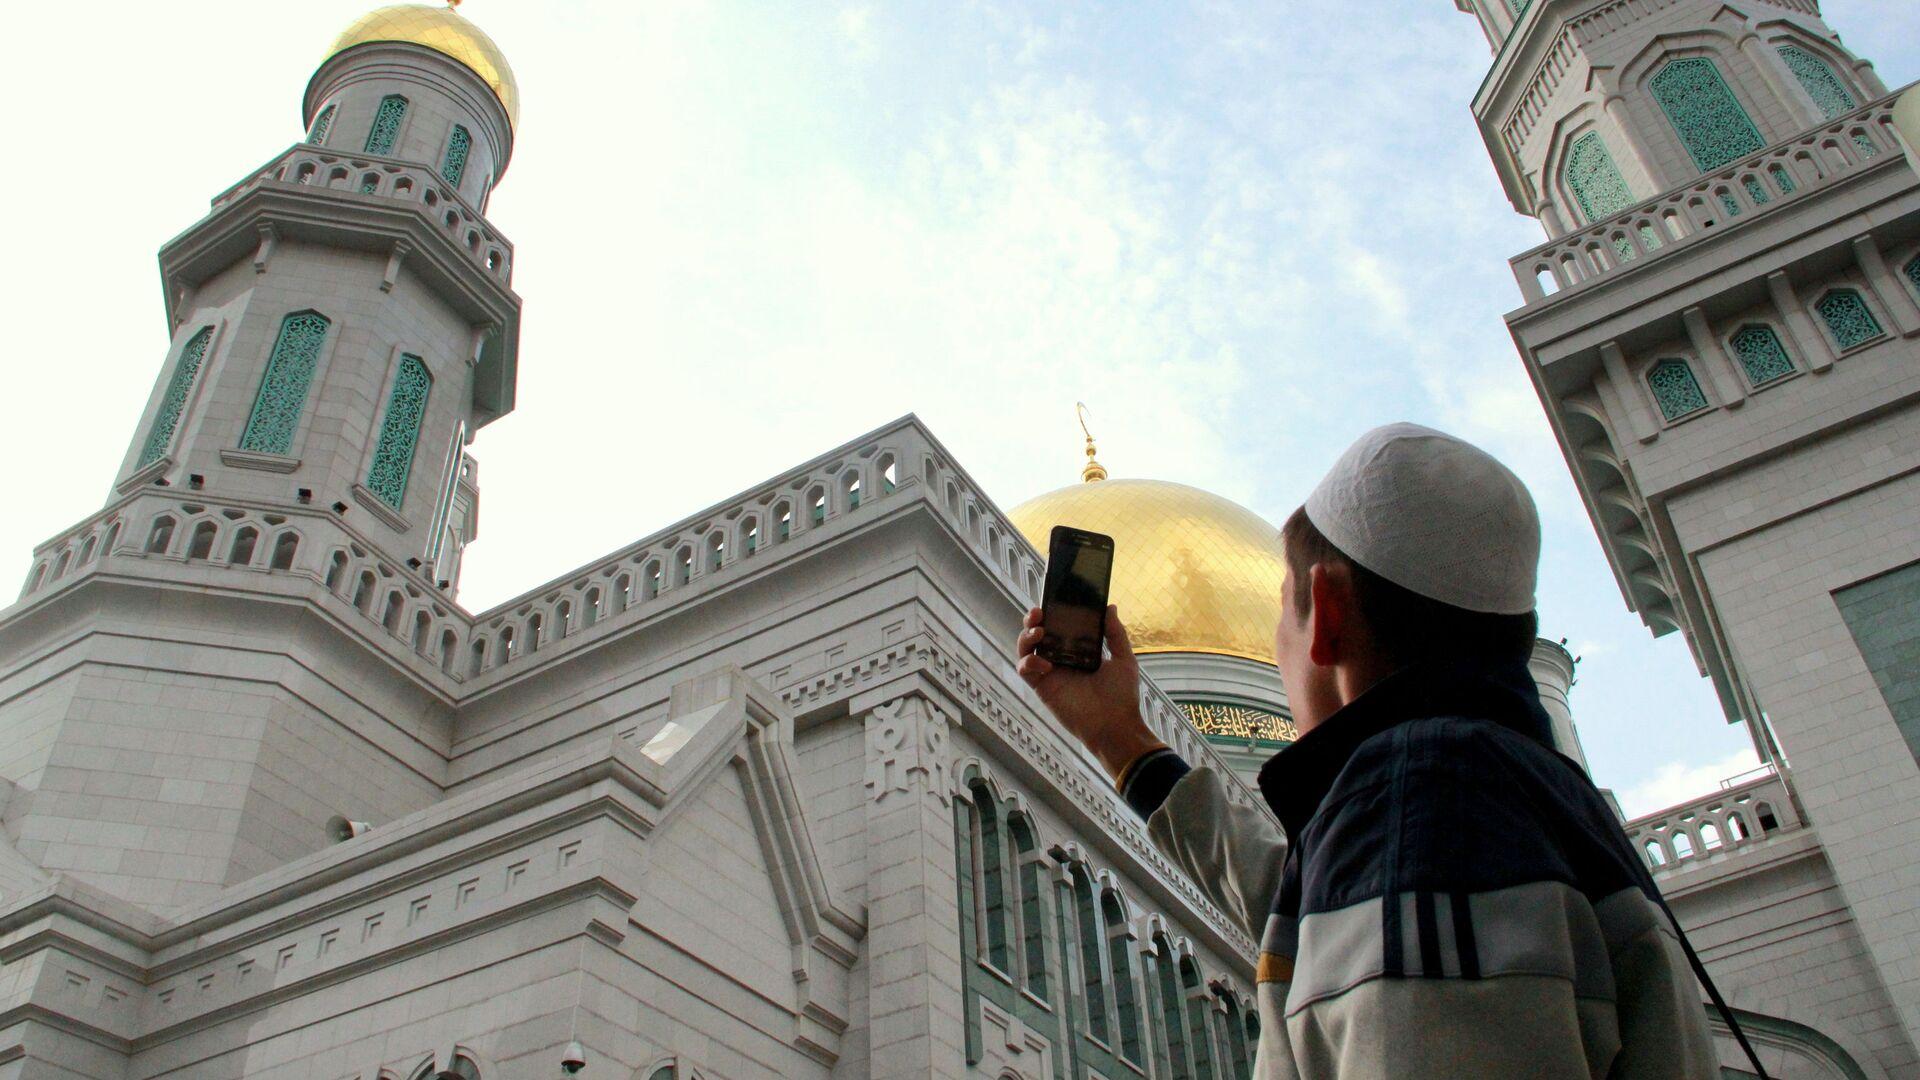 Мусульманин фотографирует Московскую соборную мечеть в день Курбан-байрама - Sputnik Таджикистан, 1920, 18.09.2021